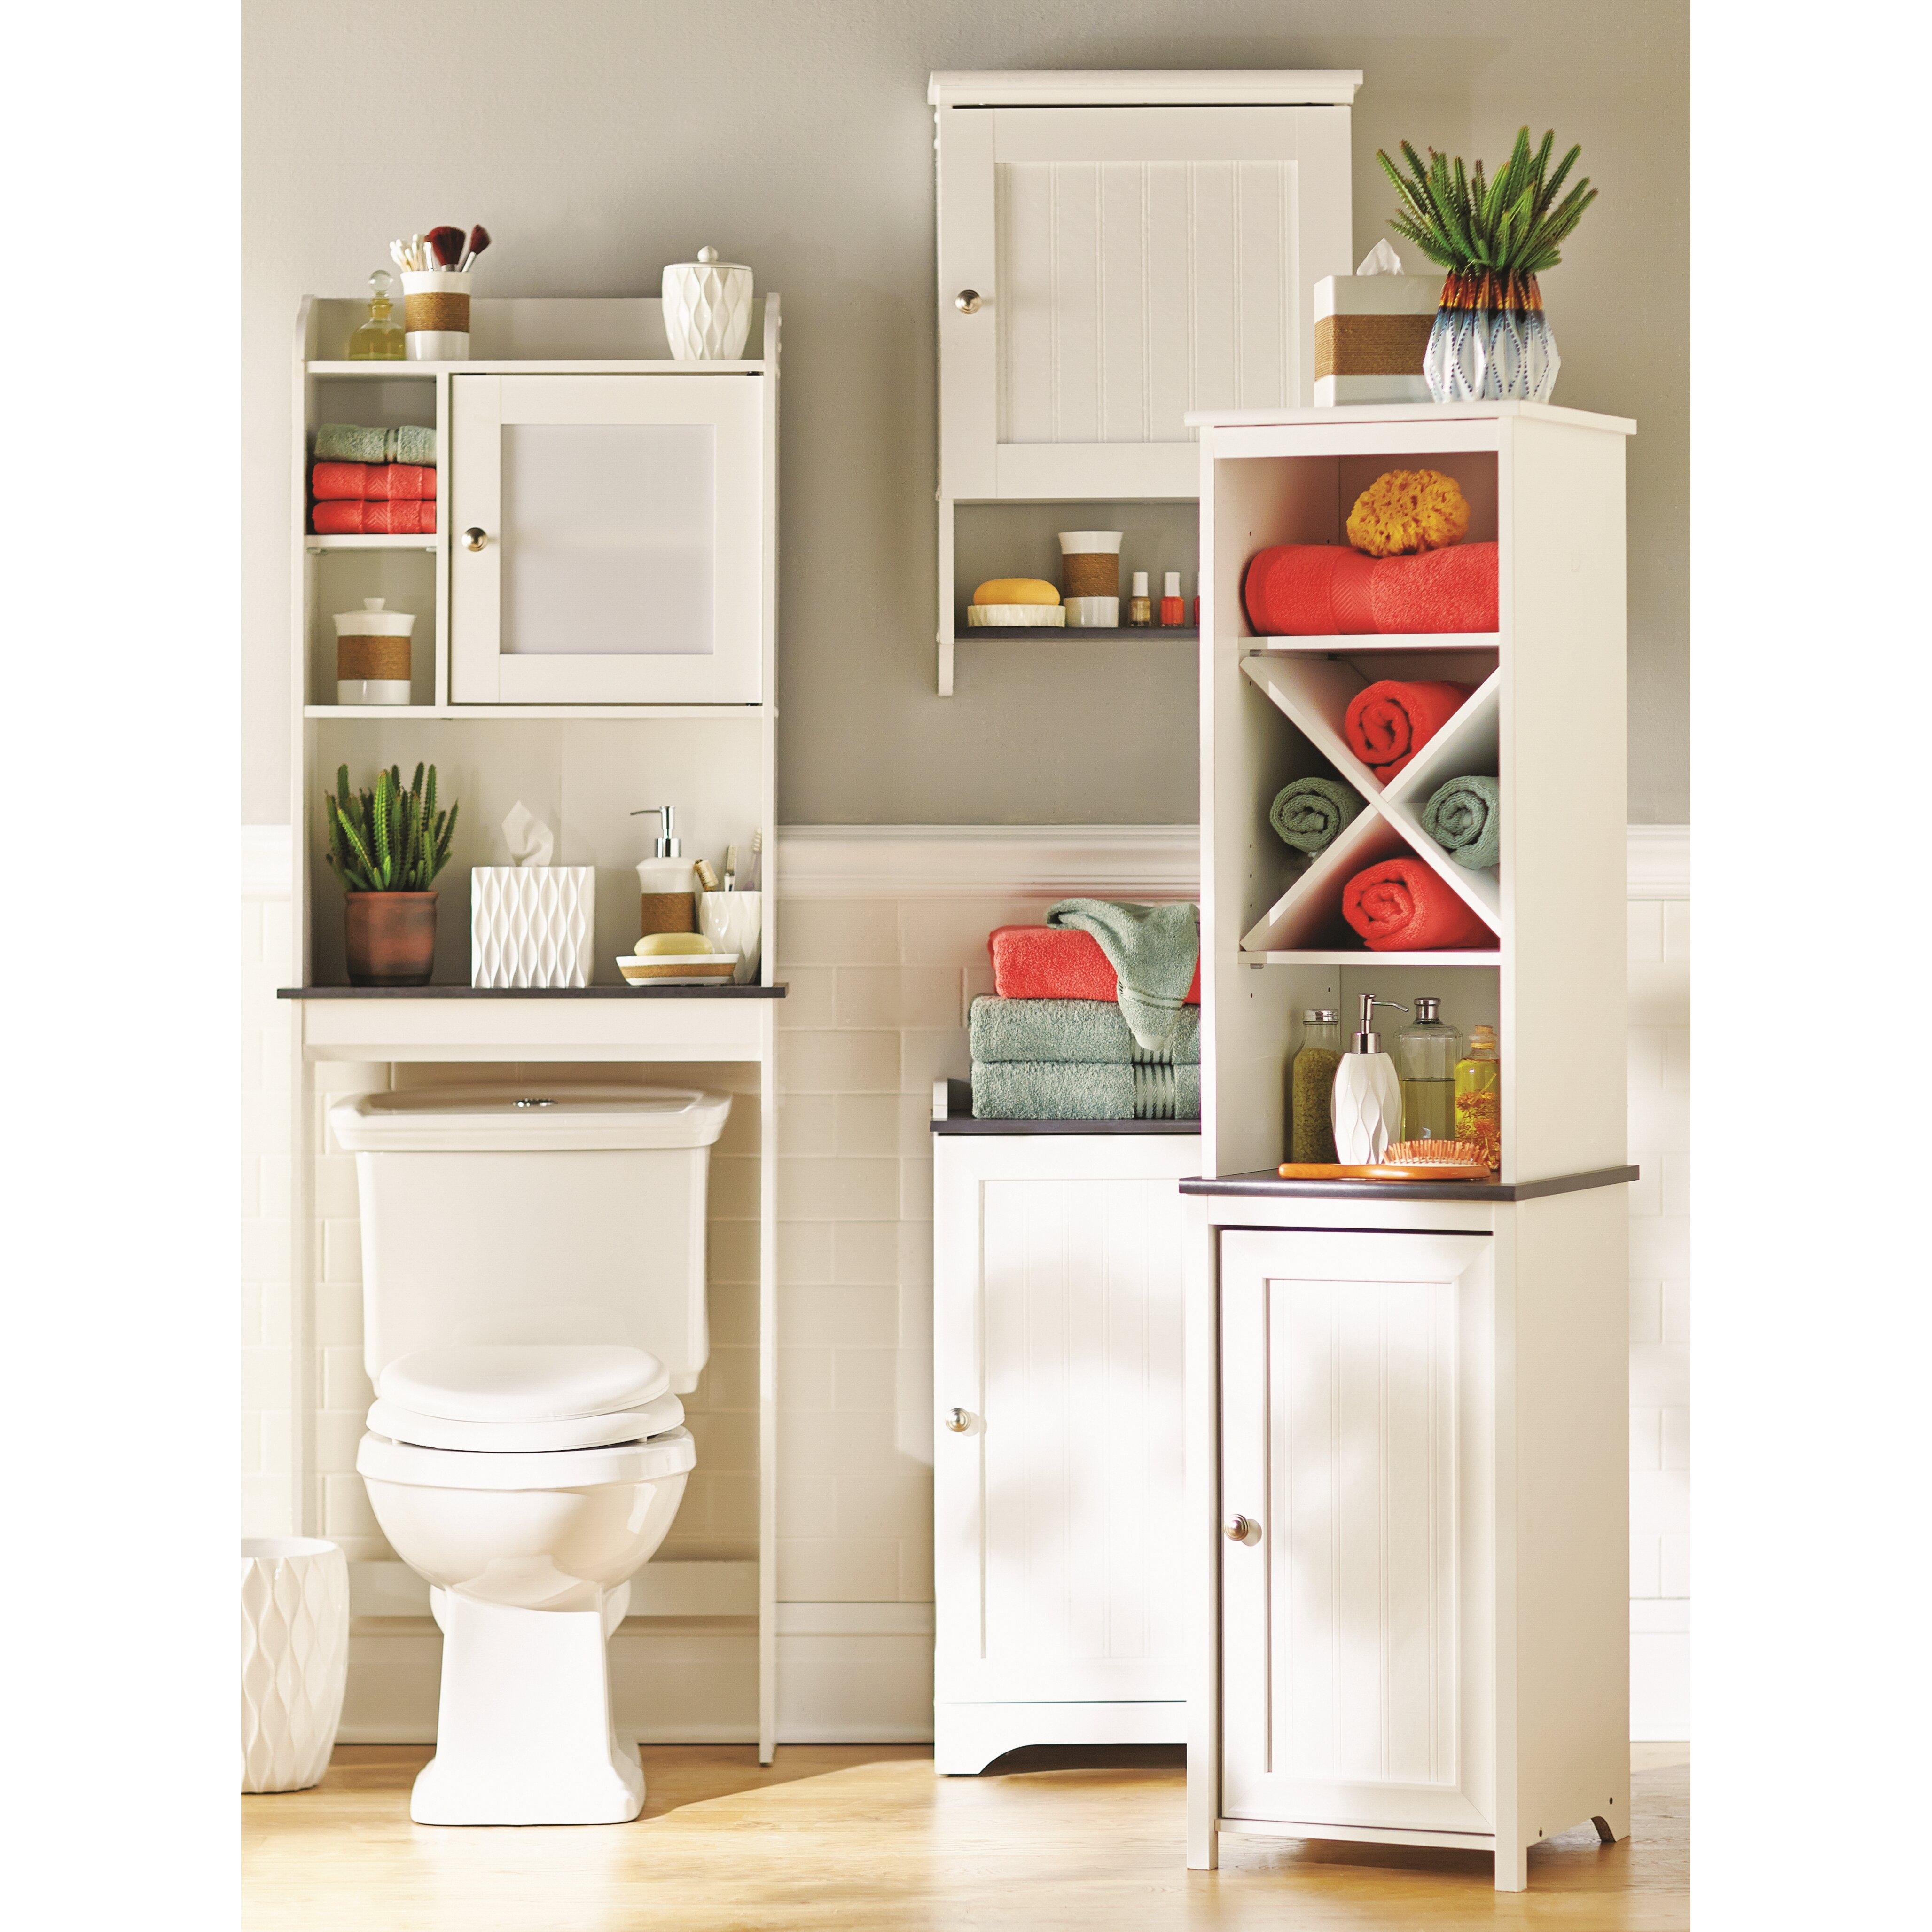 Beachcrest home gulf free standing linen tower - Freestanding bathroom linen closet ...